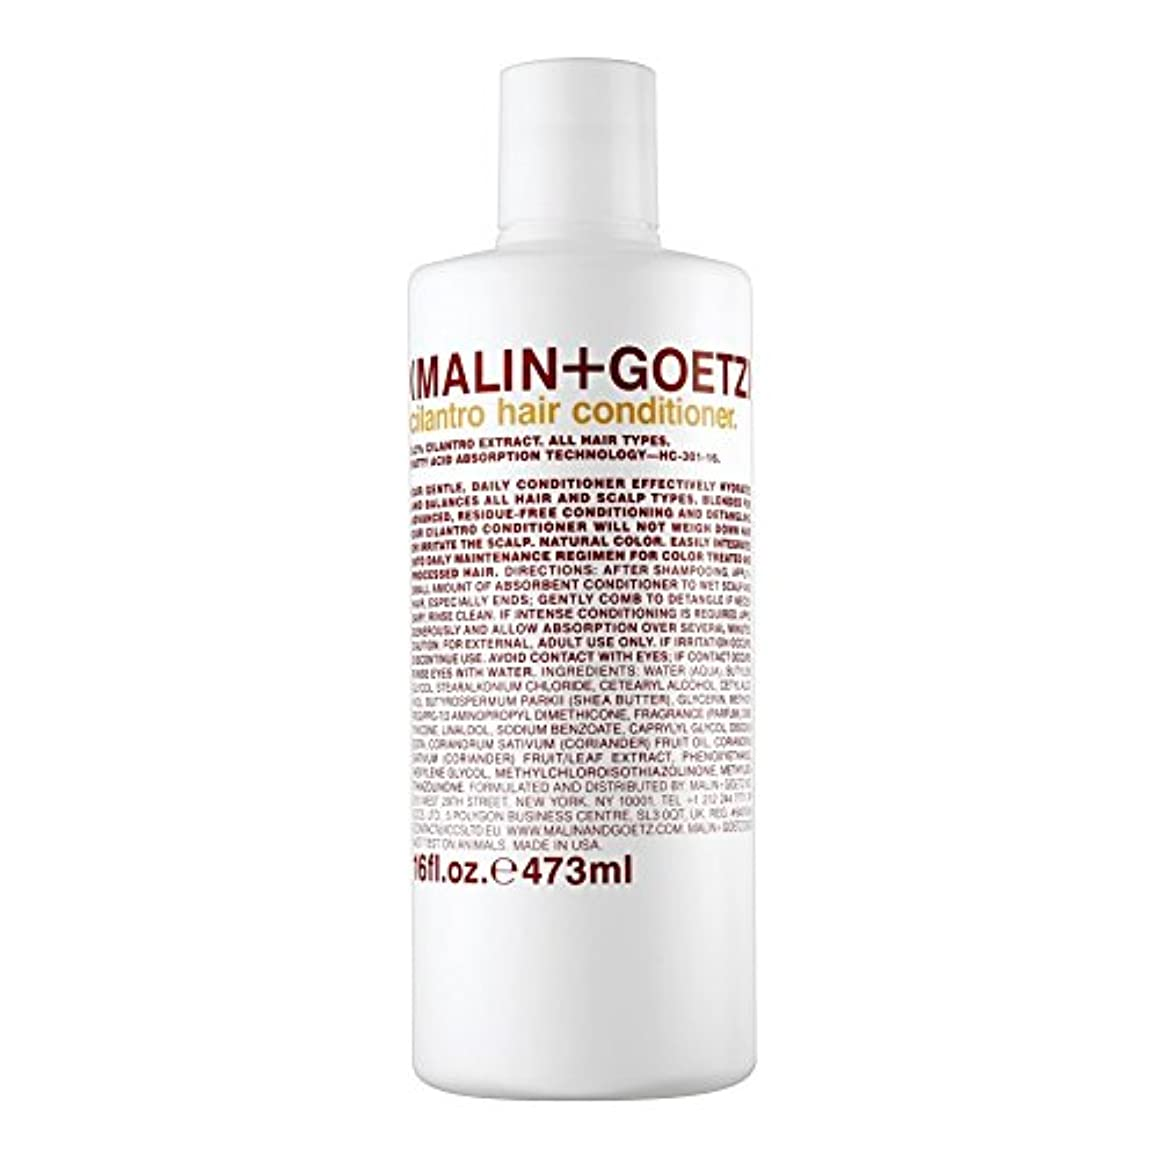 国民投票樹木約マリン+ゲッツコリアンダーのヘアコンディショナー473ミリリットル x2 - MALIN+GOETZ Cilantro Hair Conditioner 473ml (Pack of 2) [並行輸入品]